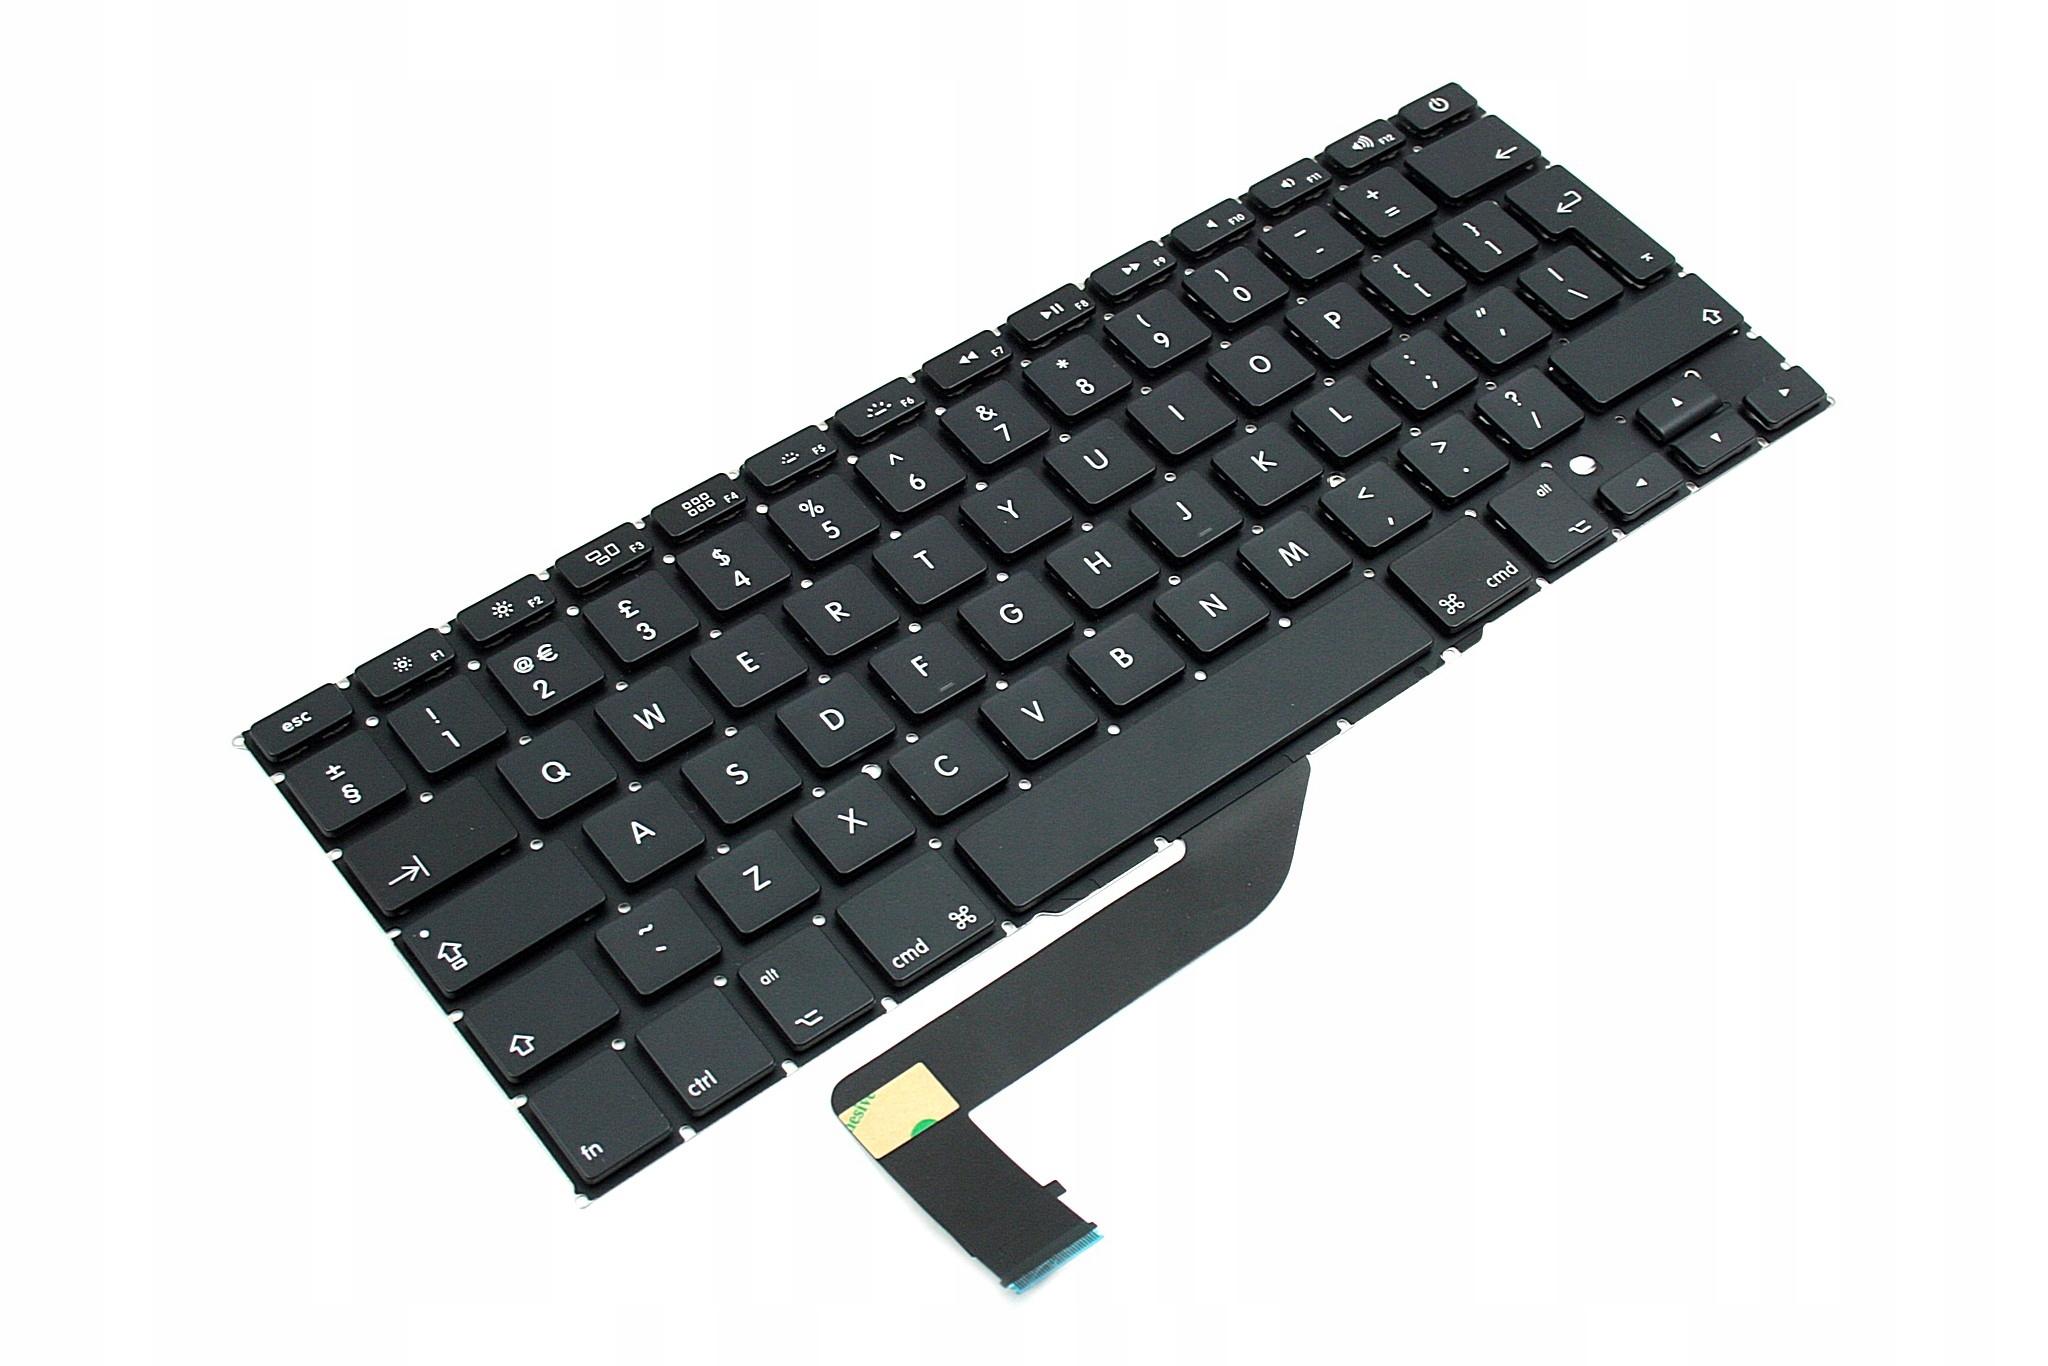 KLAWIATURA APPLE MACBOOK PRO 15 A1398 - Klawiatury do laptopów